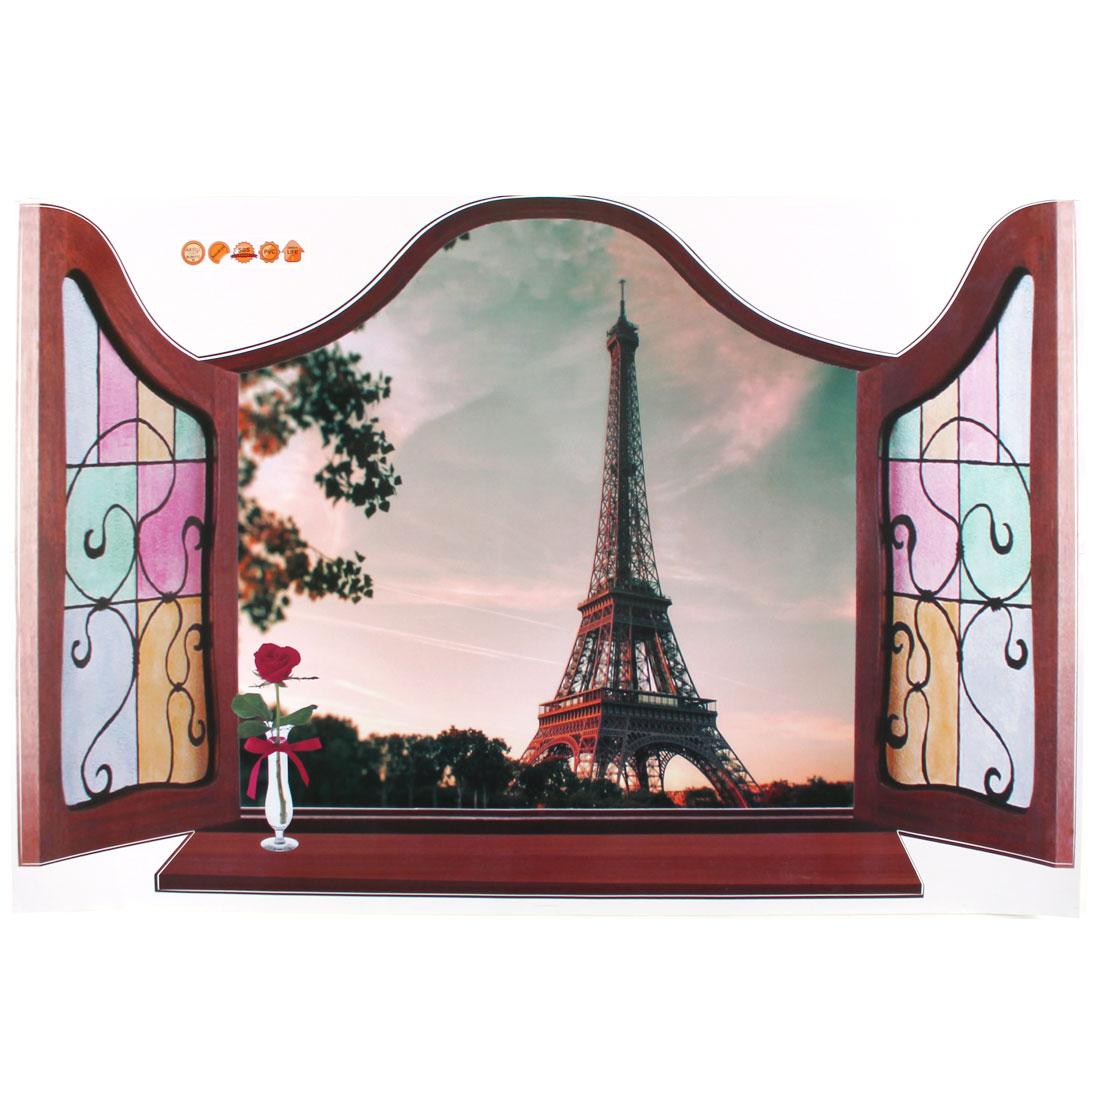 3D Window Eiffel Tower Pattern PVC Wall Sticker Paper Mural Ornament 90 x 60cm